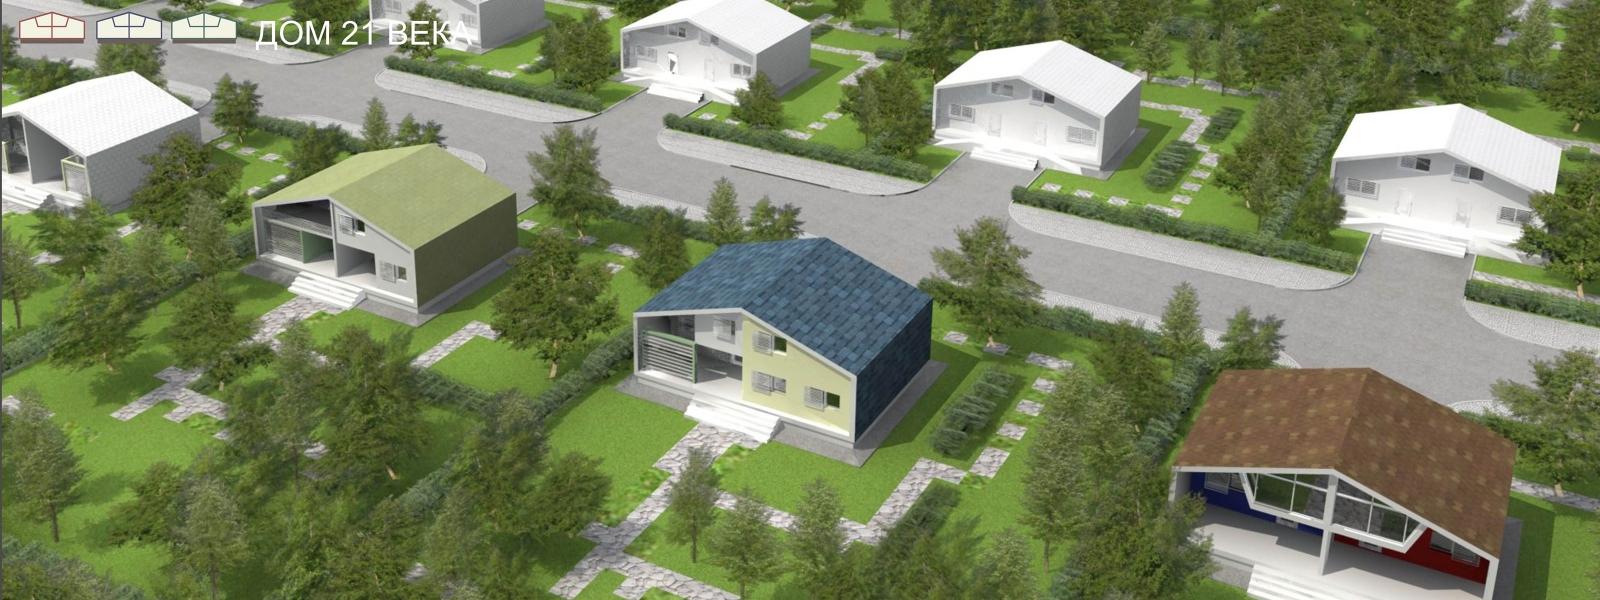 work-Быстровозводимый дом экономкласса с земельным участком и универсальной интерактивной оболочкой